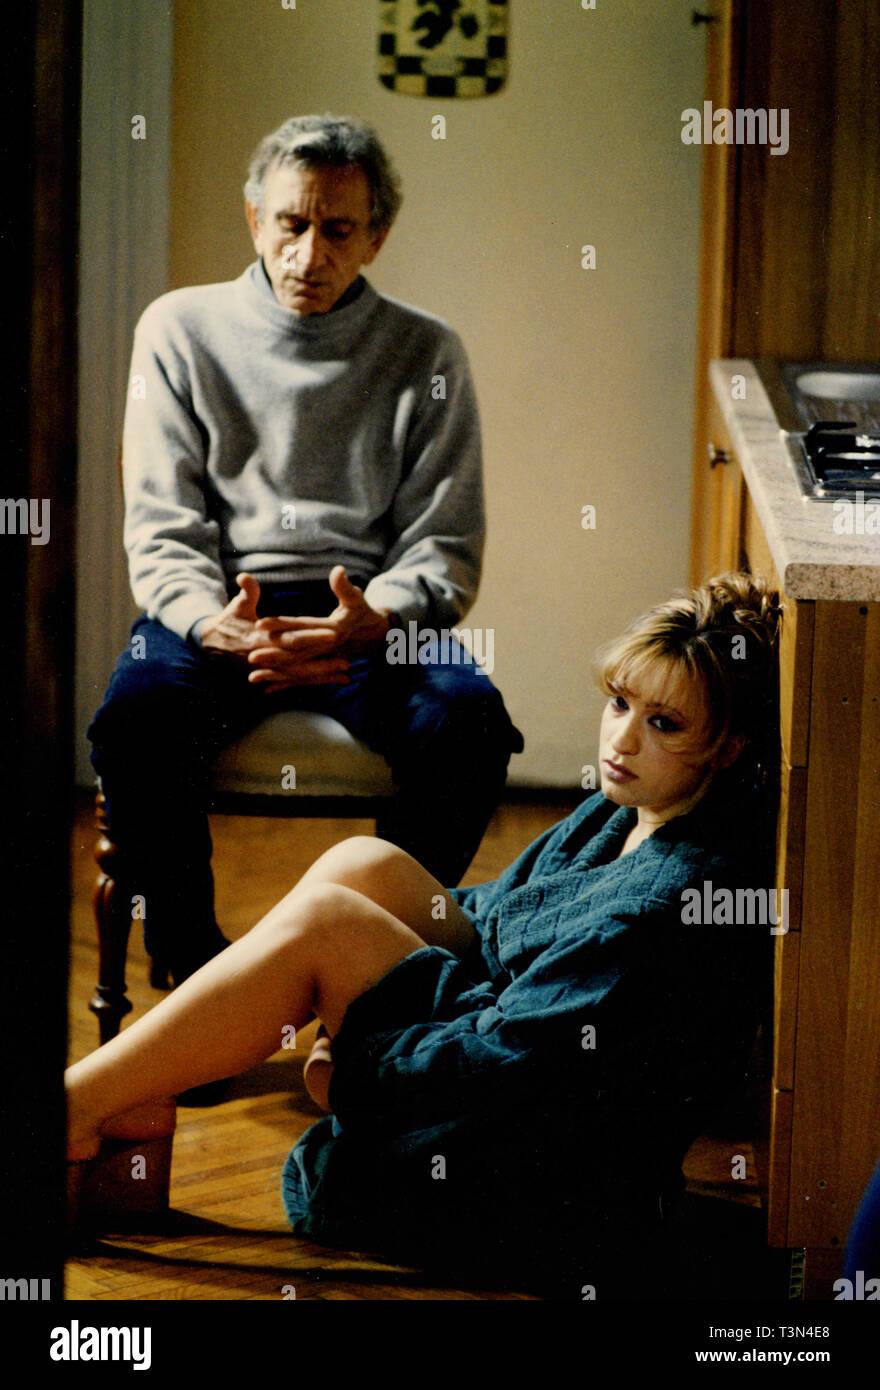 Attori Roberto Herliztka e Raffaella Ponzo nel film Il corpo dell'Anima, 1990s Immagini Stock